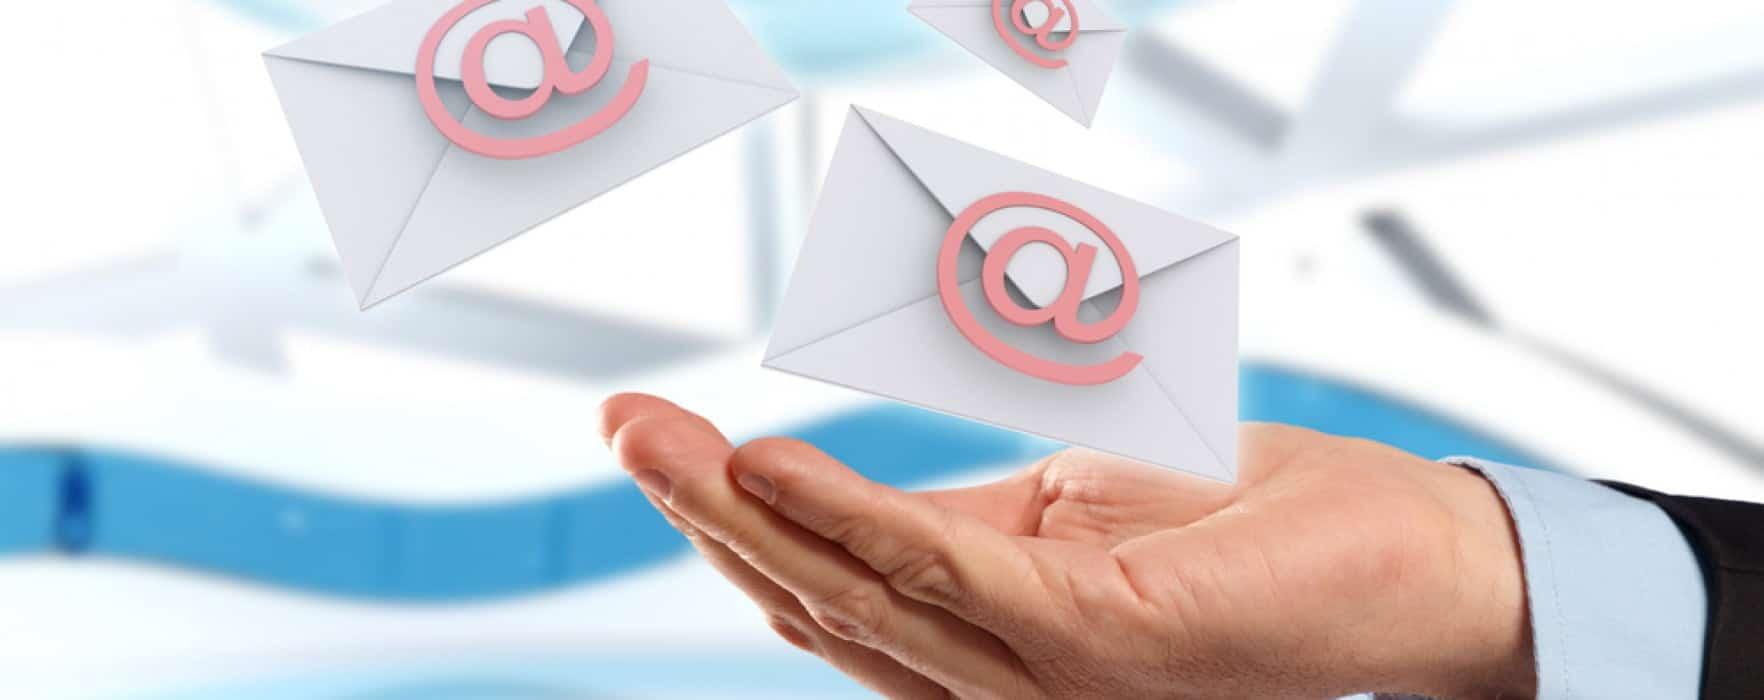 Come modificare la Office 365 mailbox quota